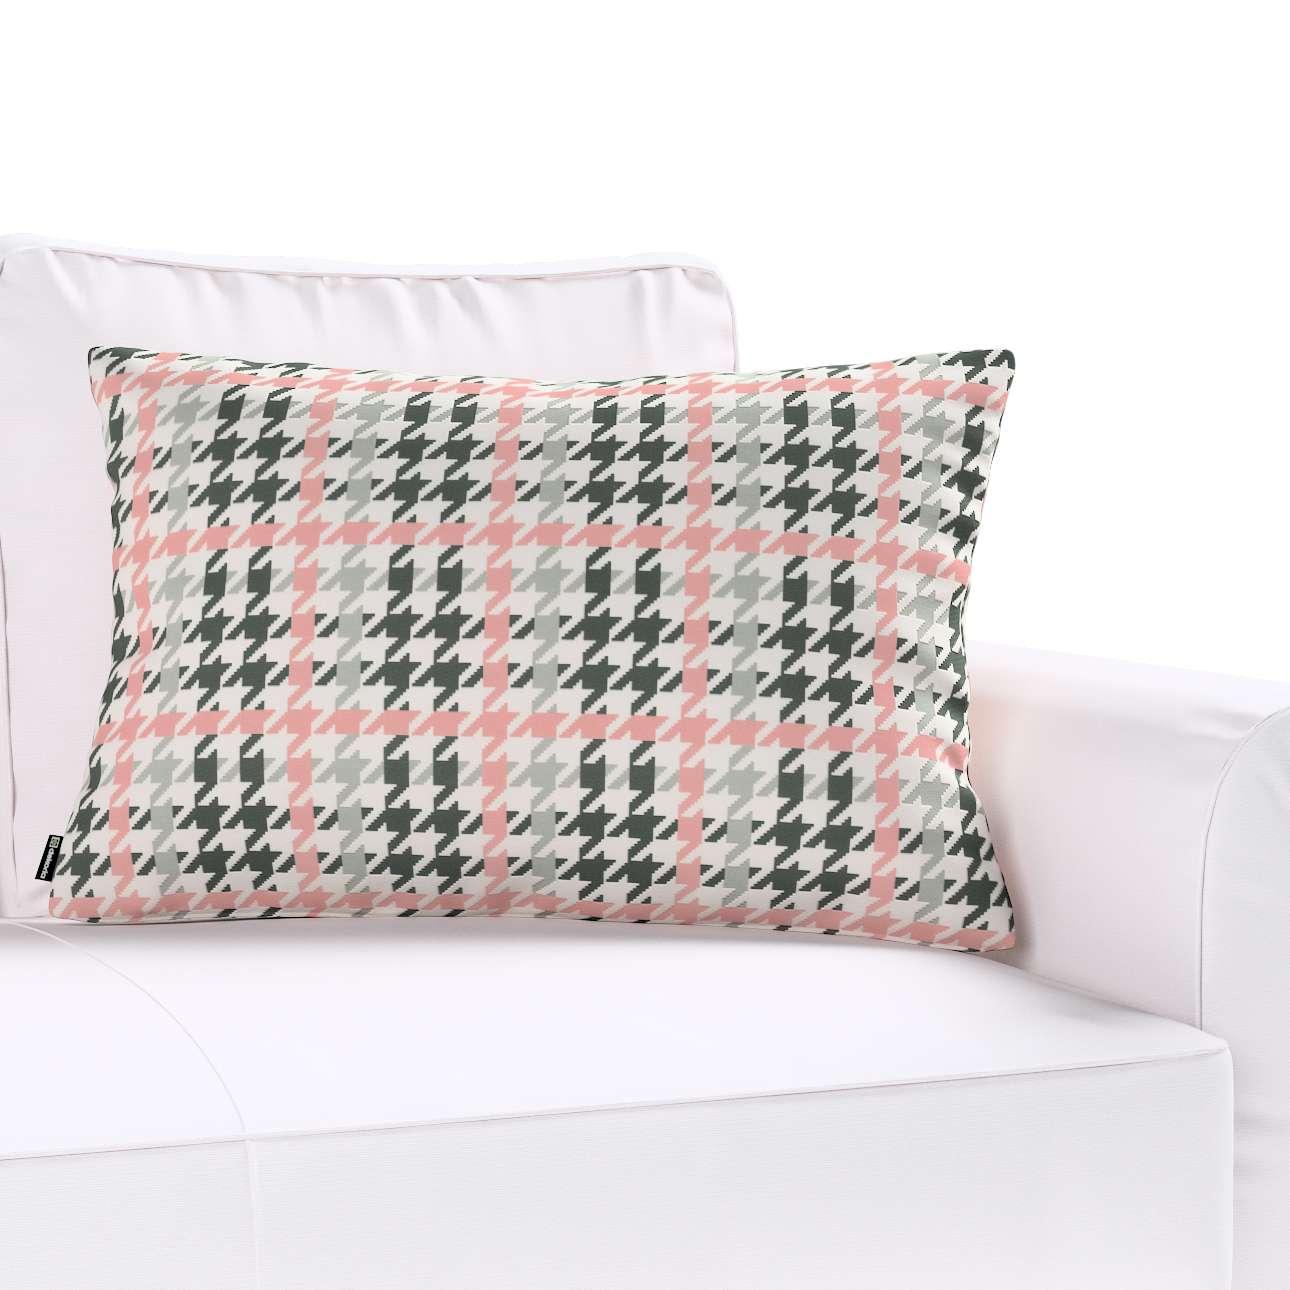 Kinga dekoratyvinės pagalvėlės užvalkalas 60x40cm 60 × 40 cm kolekcijoje Brooklyn, audinys: 137-75